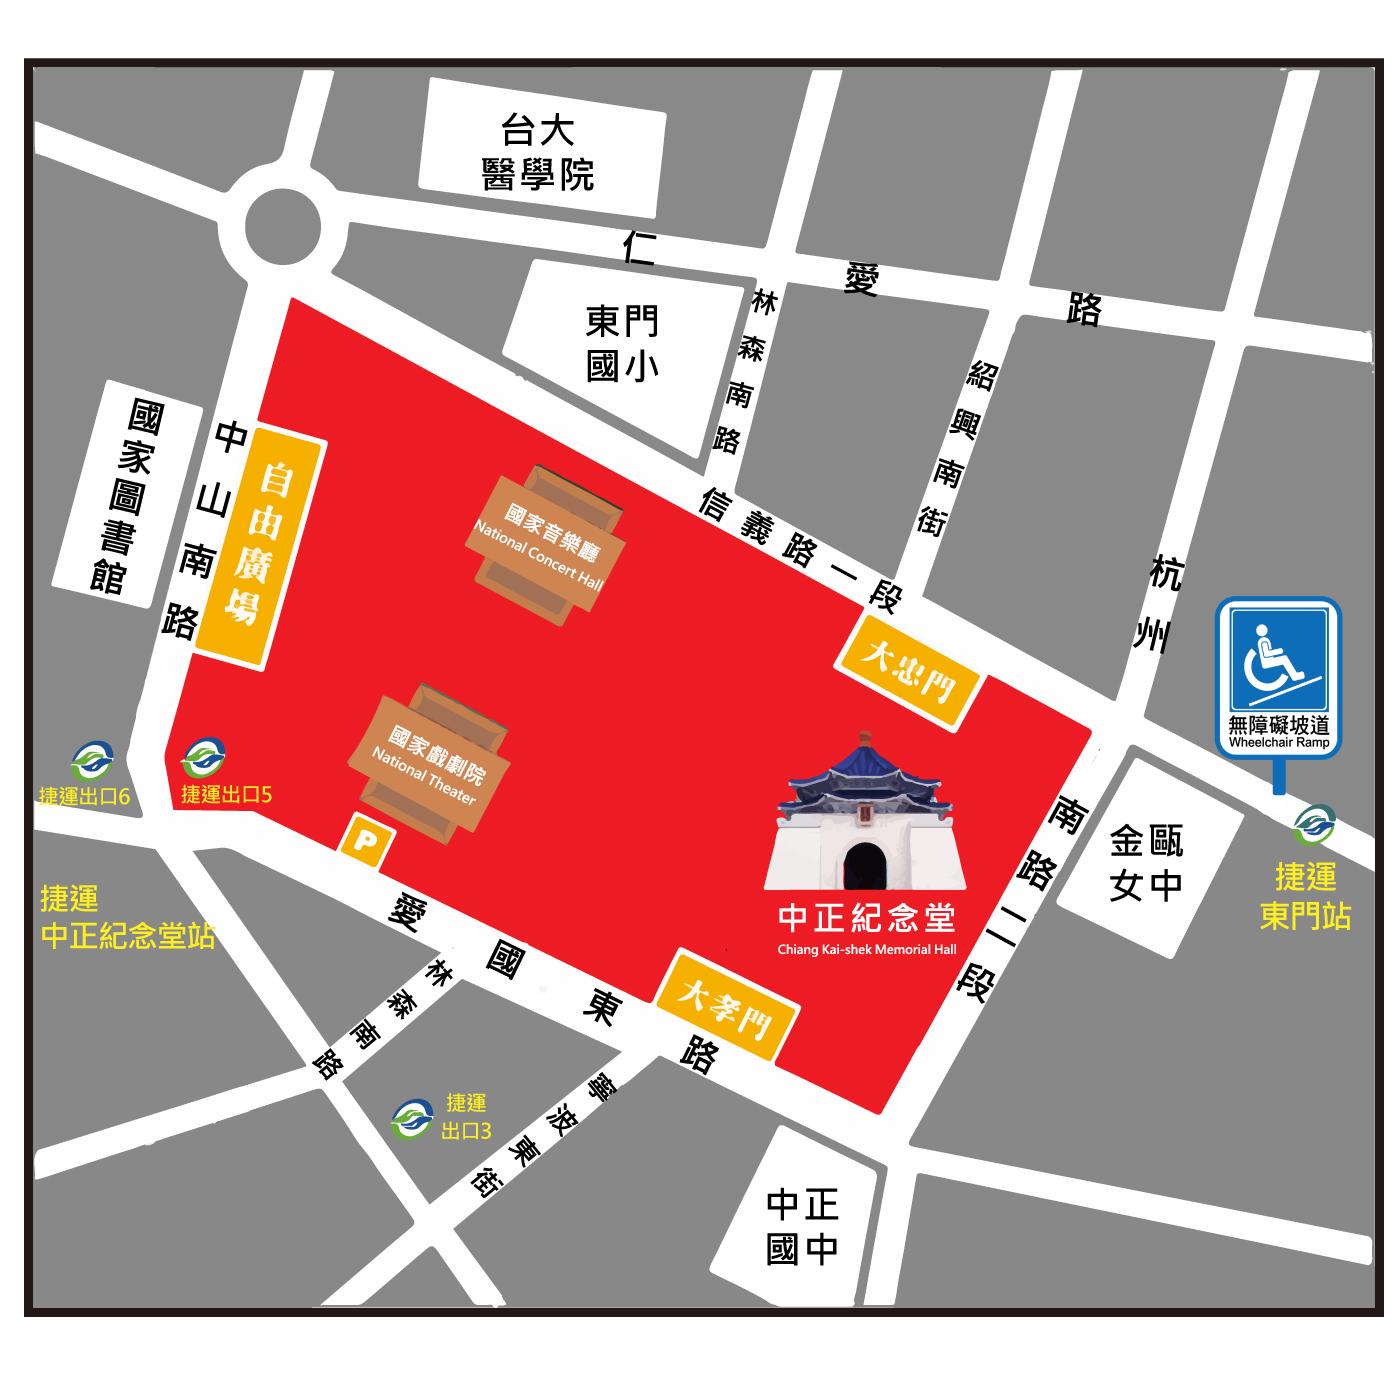 中正紀念堂地圖